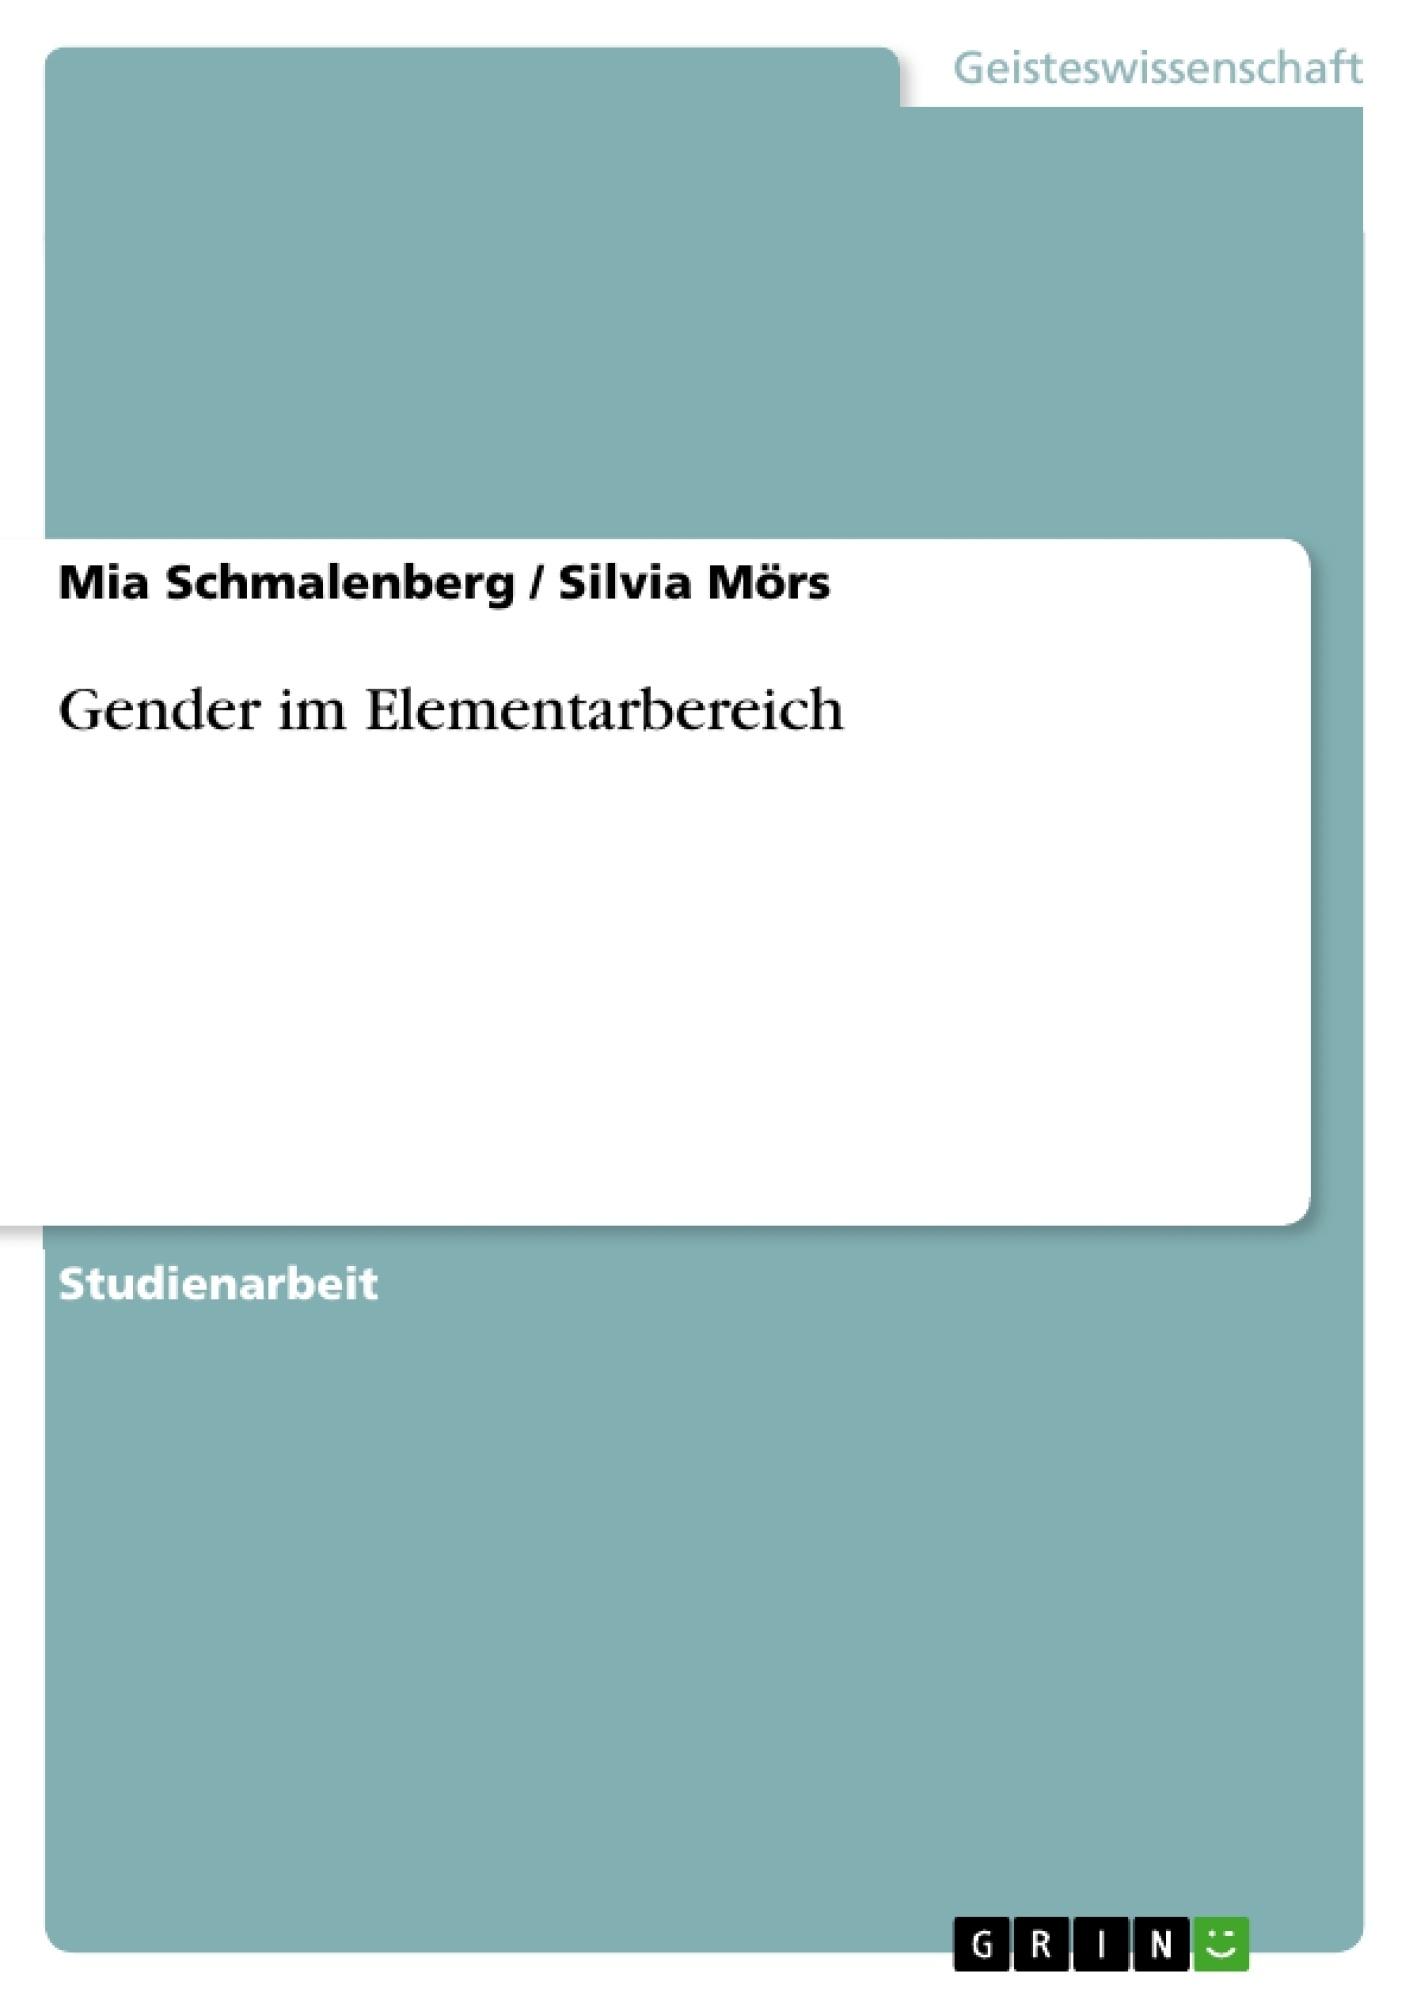 Titel: Gender im Elementarbereich